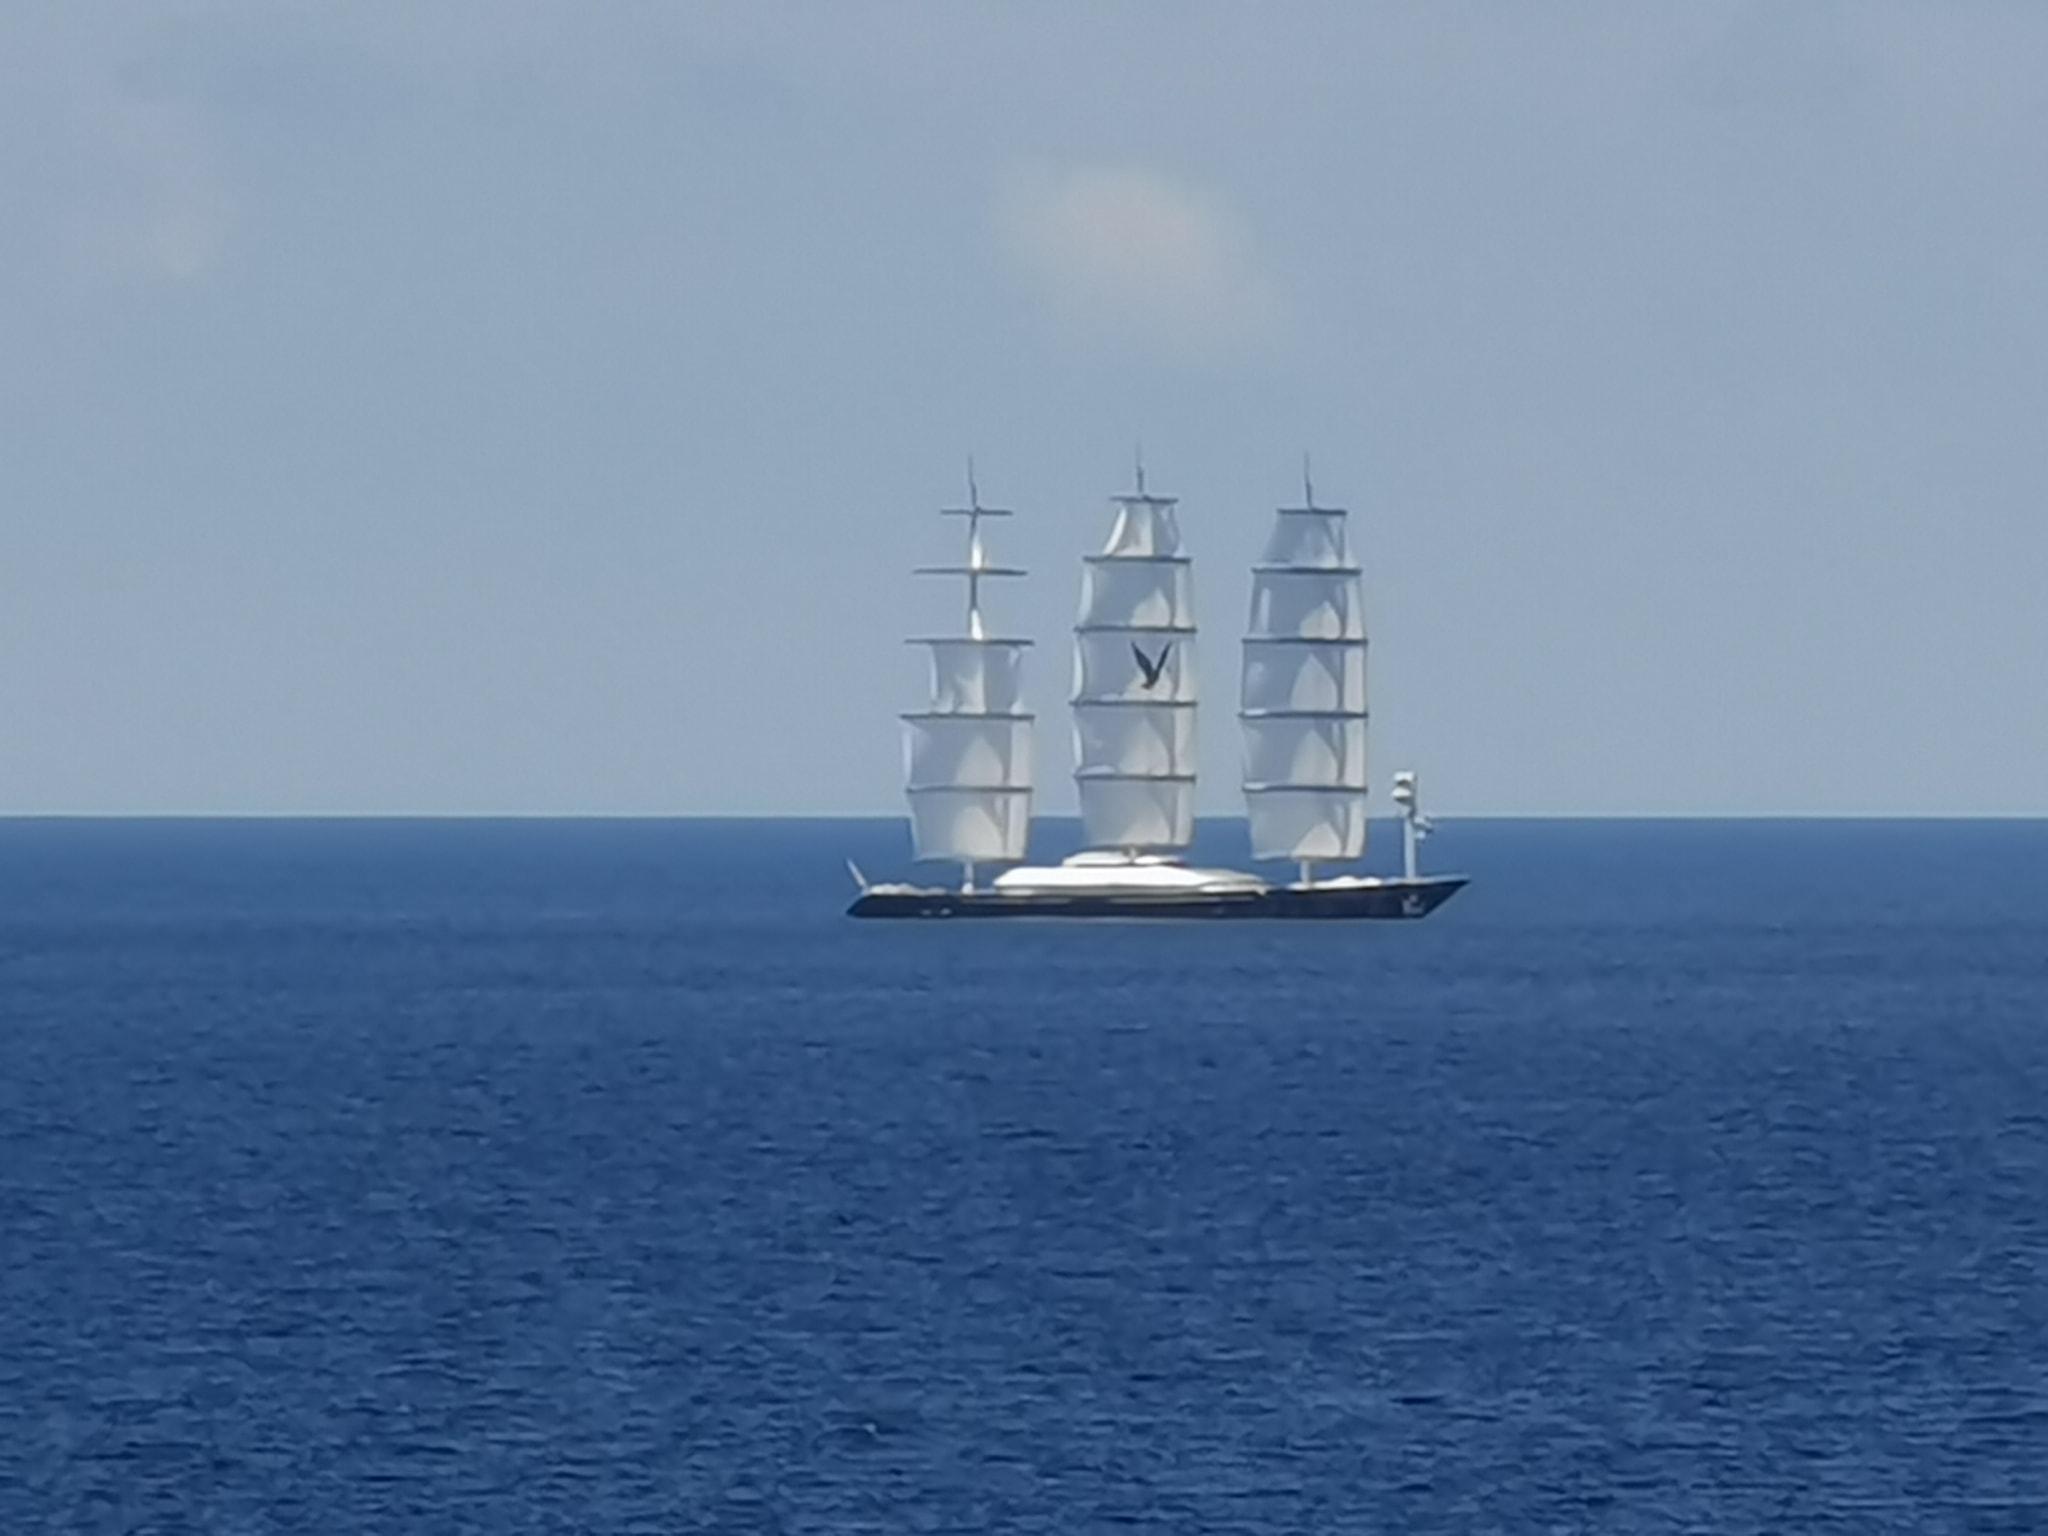 il-maltese-falcon-avvistato-nelle-acque-dello-stretto:-il-maestoso-'rapace'-passa-fra-messina-e-reggio-calabria-[gallery]